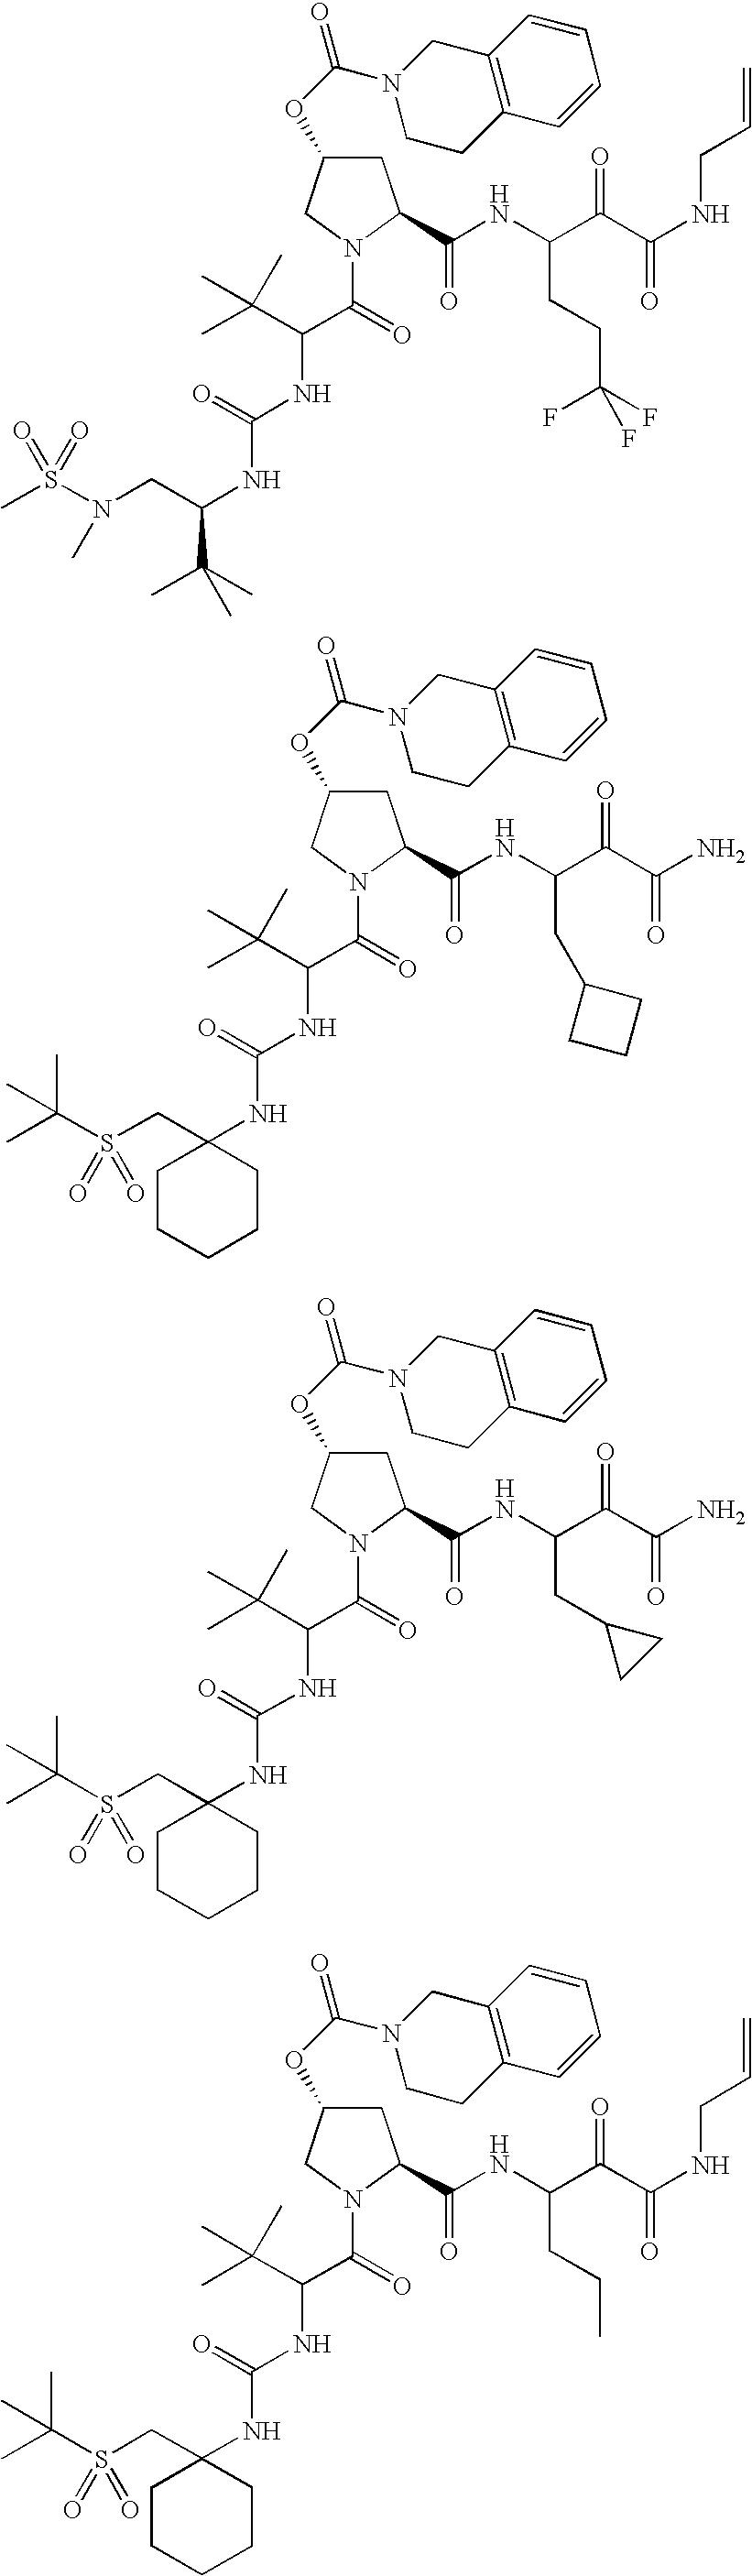 Figure US20060287248A1-20061221-C00576